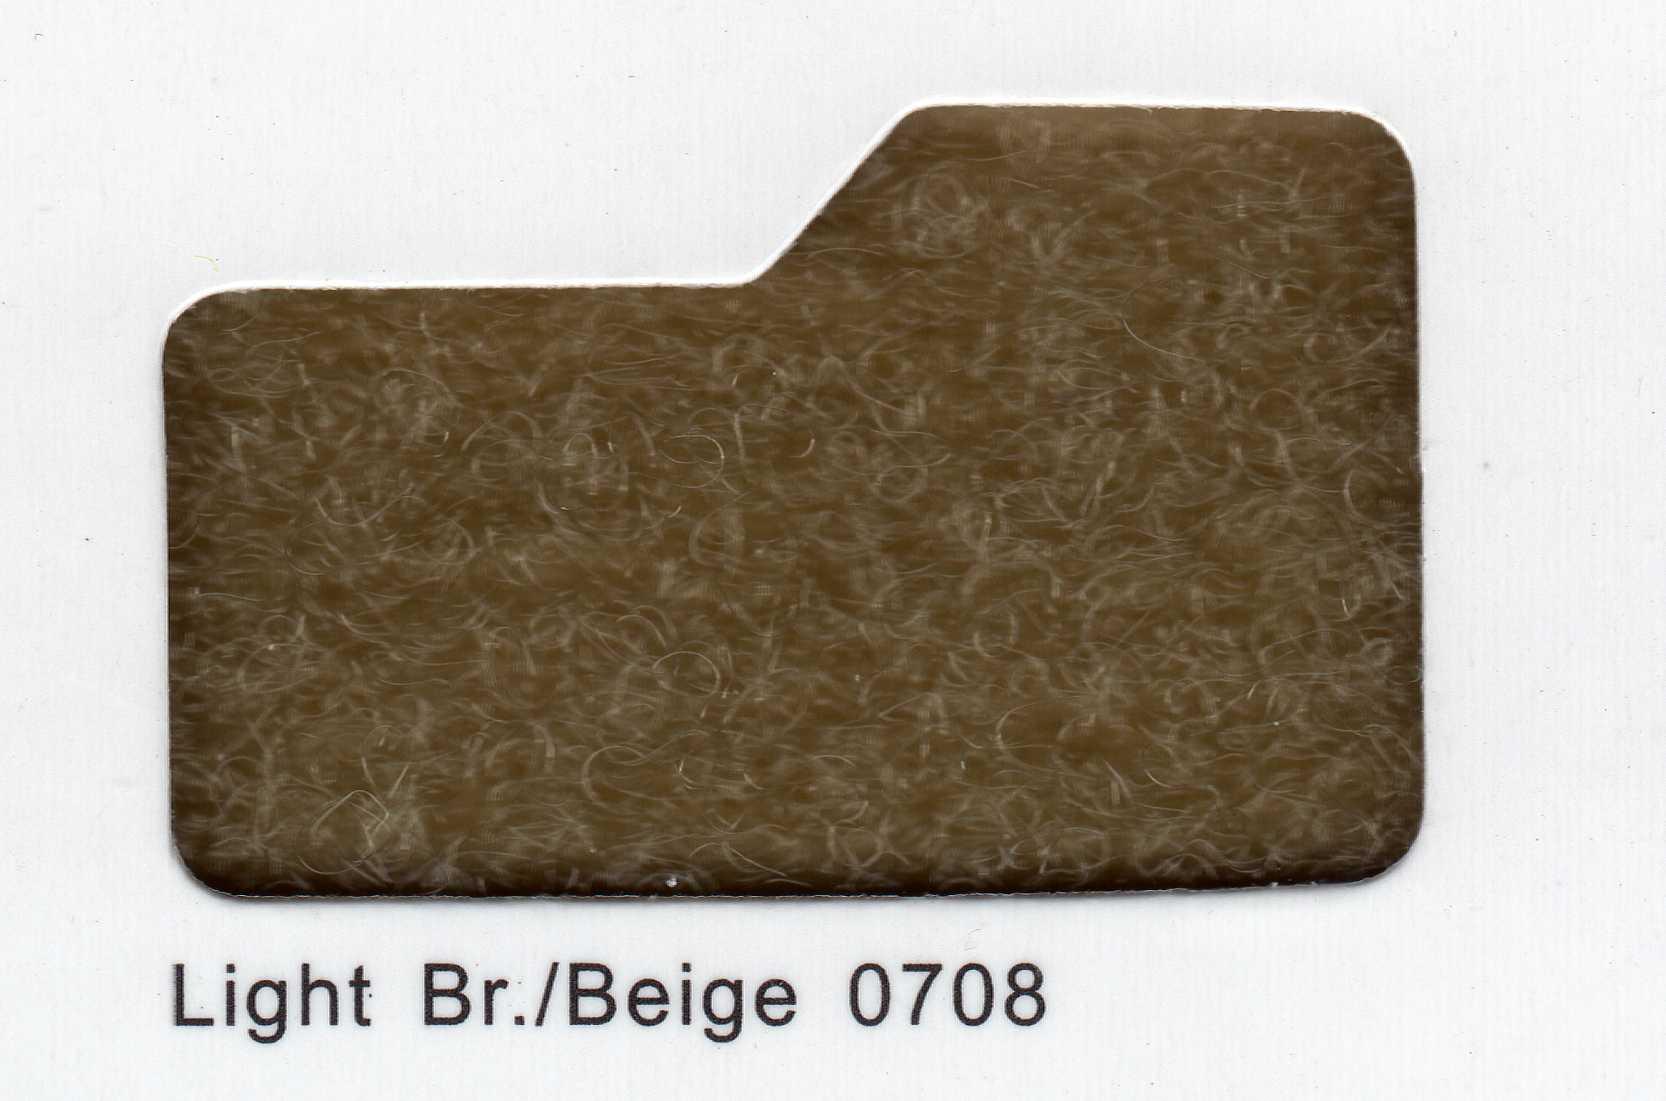 Cinta de cierre Velcro-Veraco 20mm Beige 0708 (Rizo).